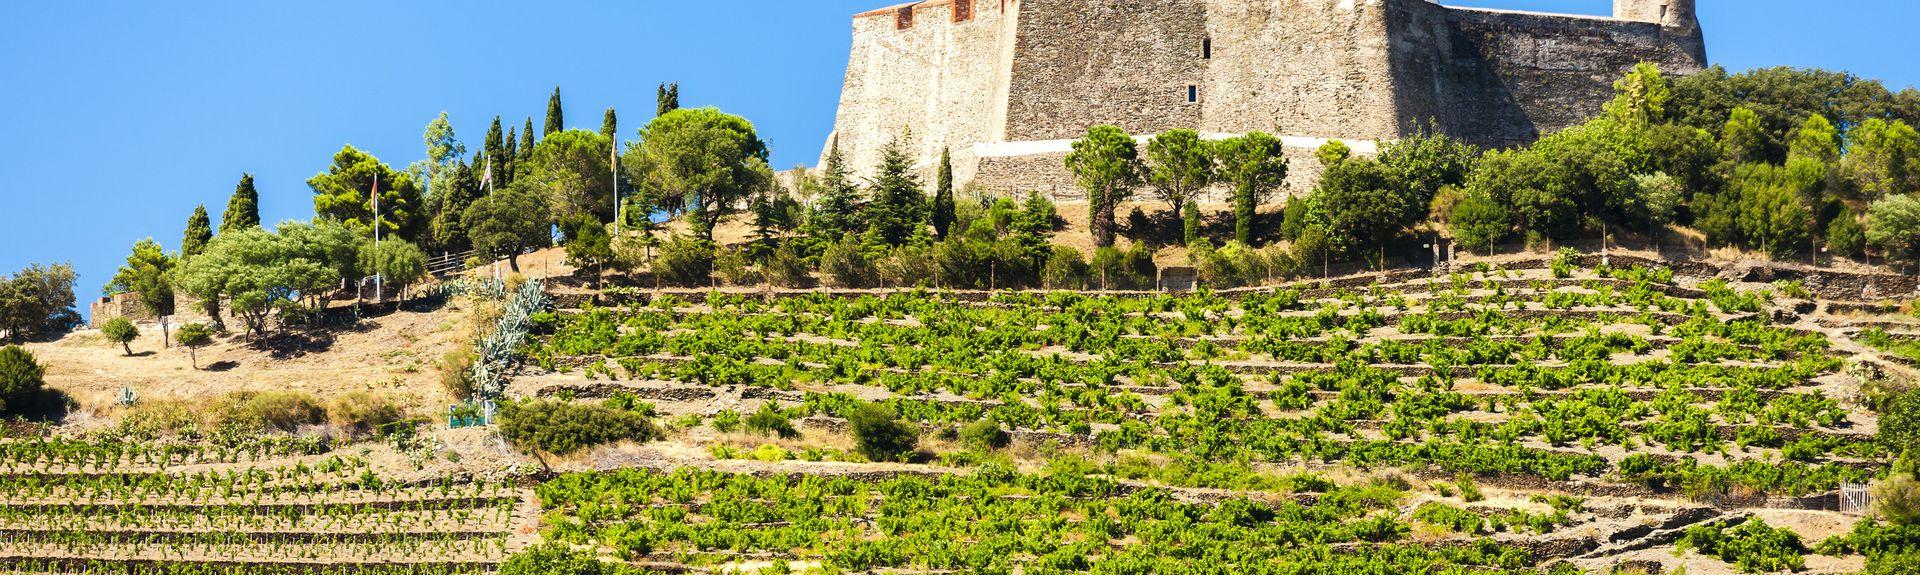 Roussillon, Provenza-Alpi-Costa Azzurra, Francia